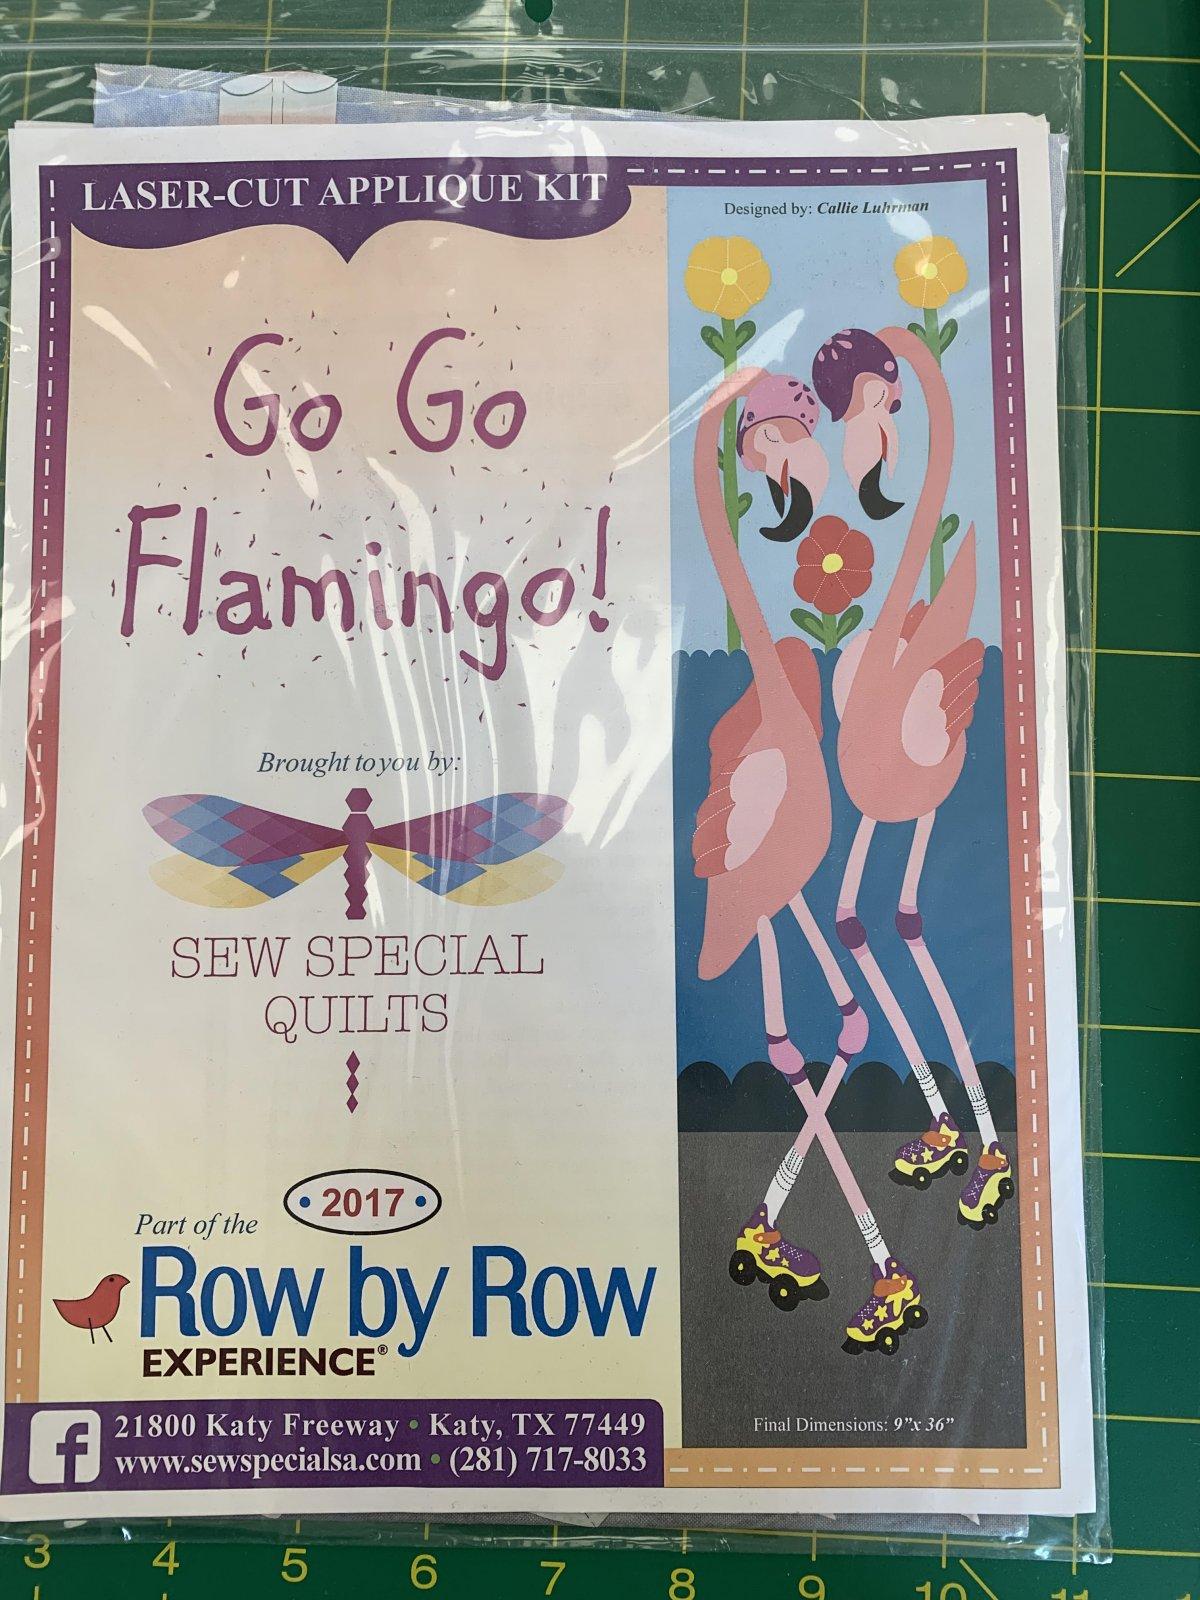 Row by Row Flamingo on the Go